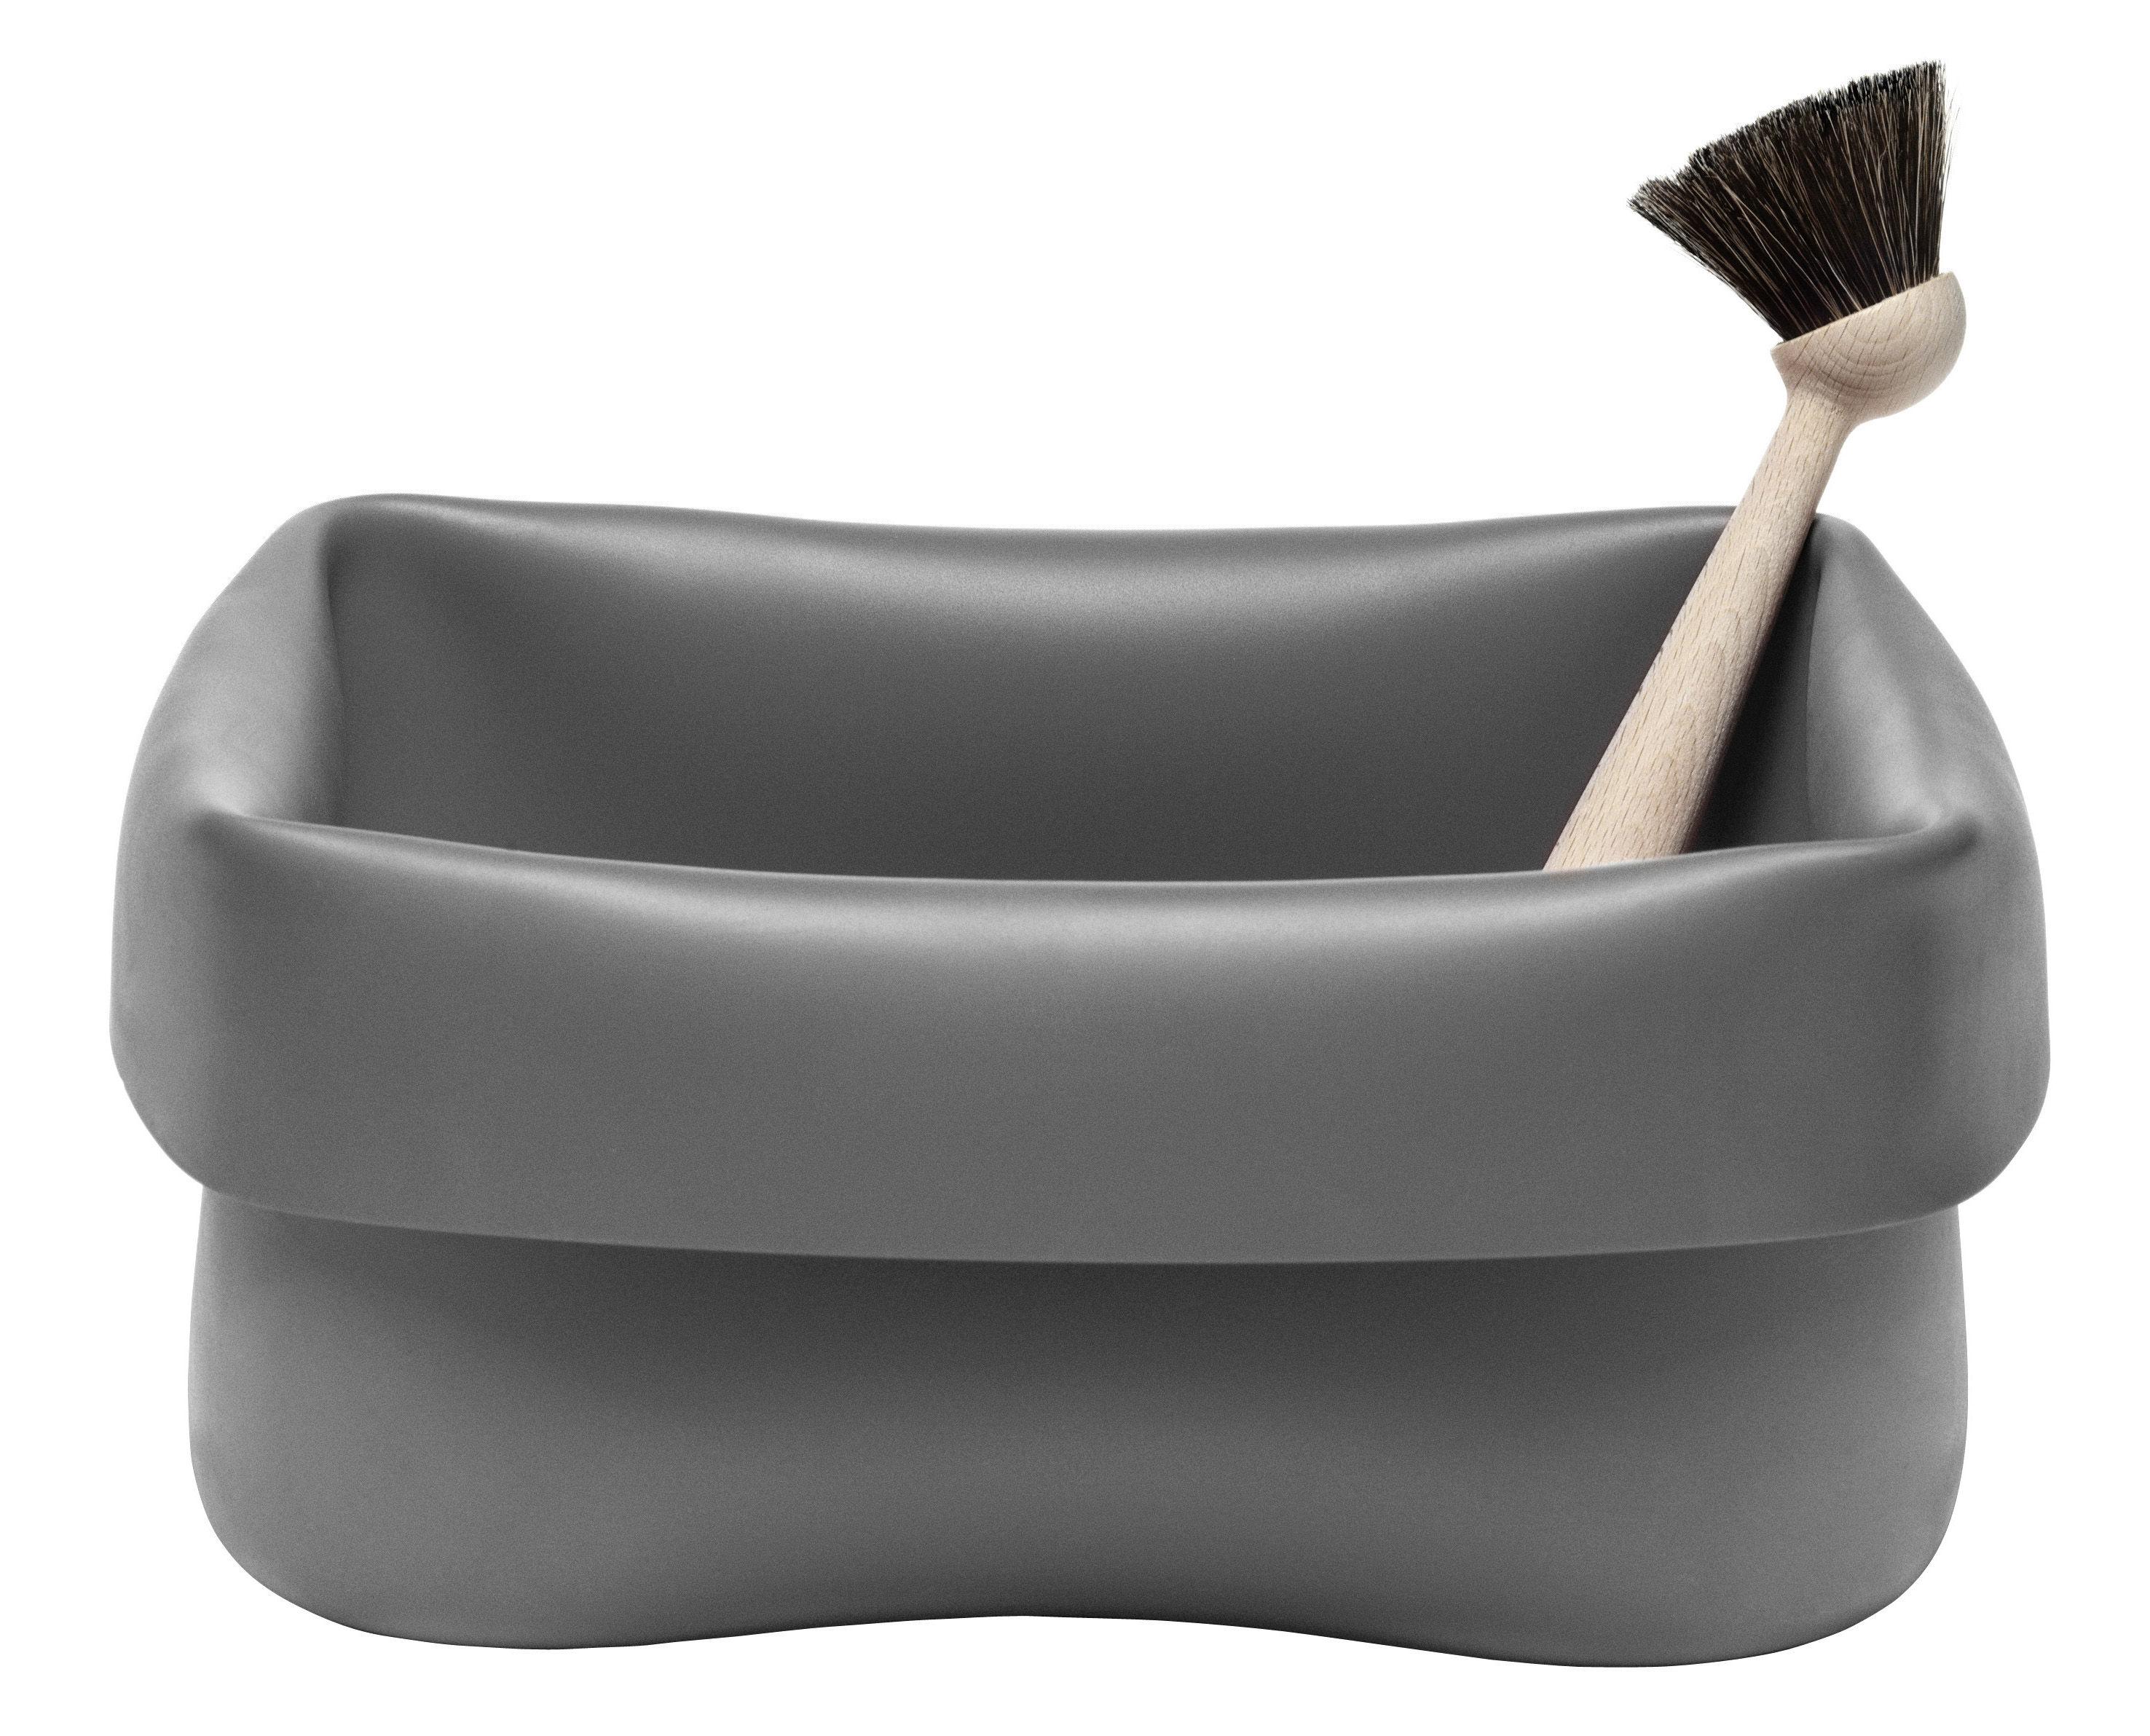 Cucina - Pratici e intelligenti - Bacinella Washing-up Bowl - /Bacinella + spazzola di Normann Copenhagen - Grigio - Faggio, Gomma